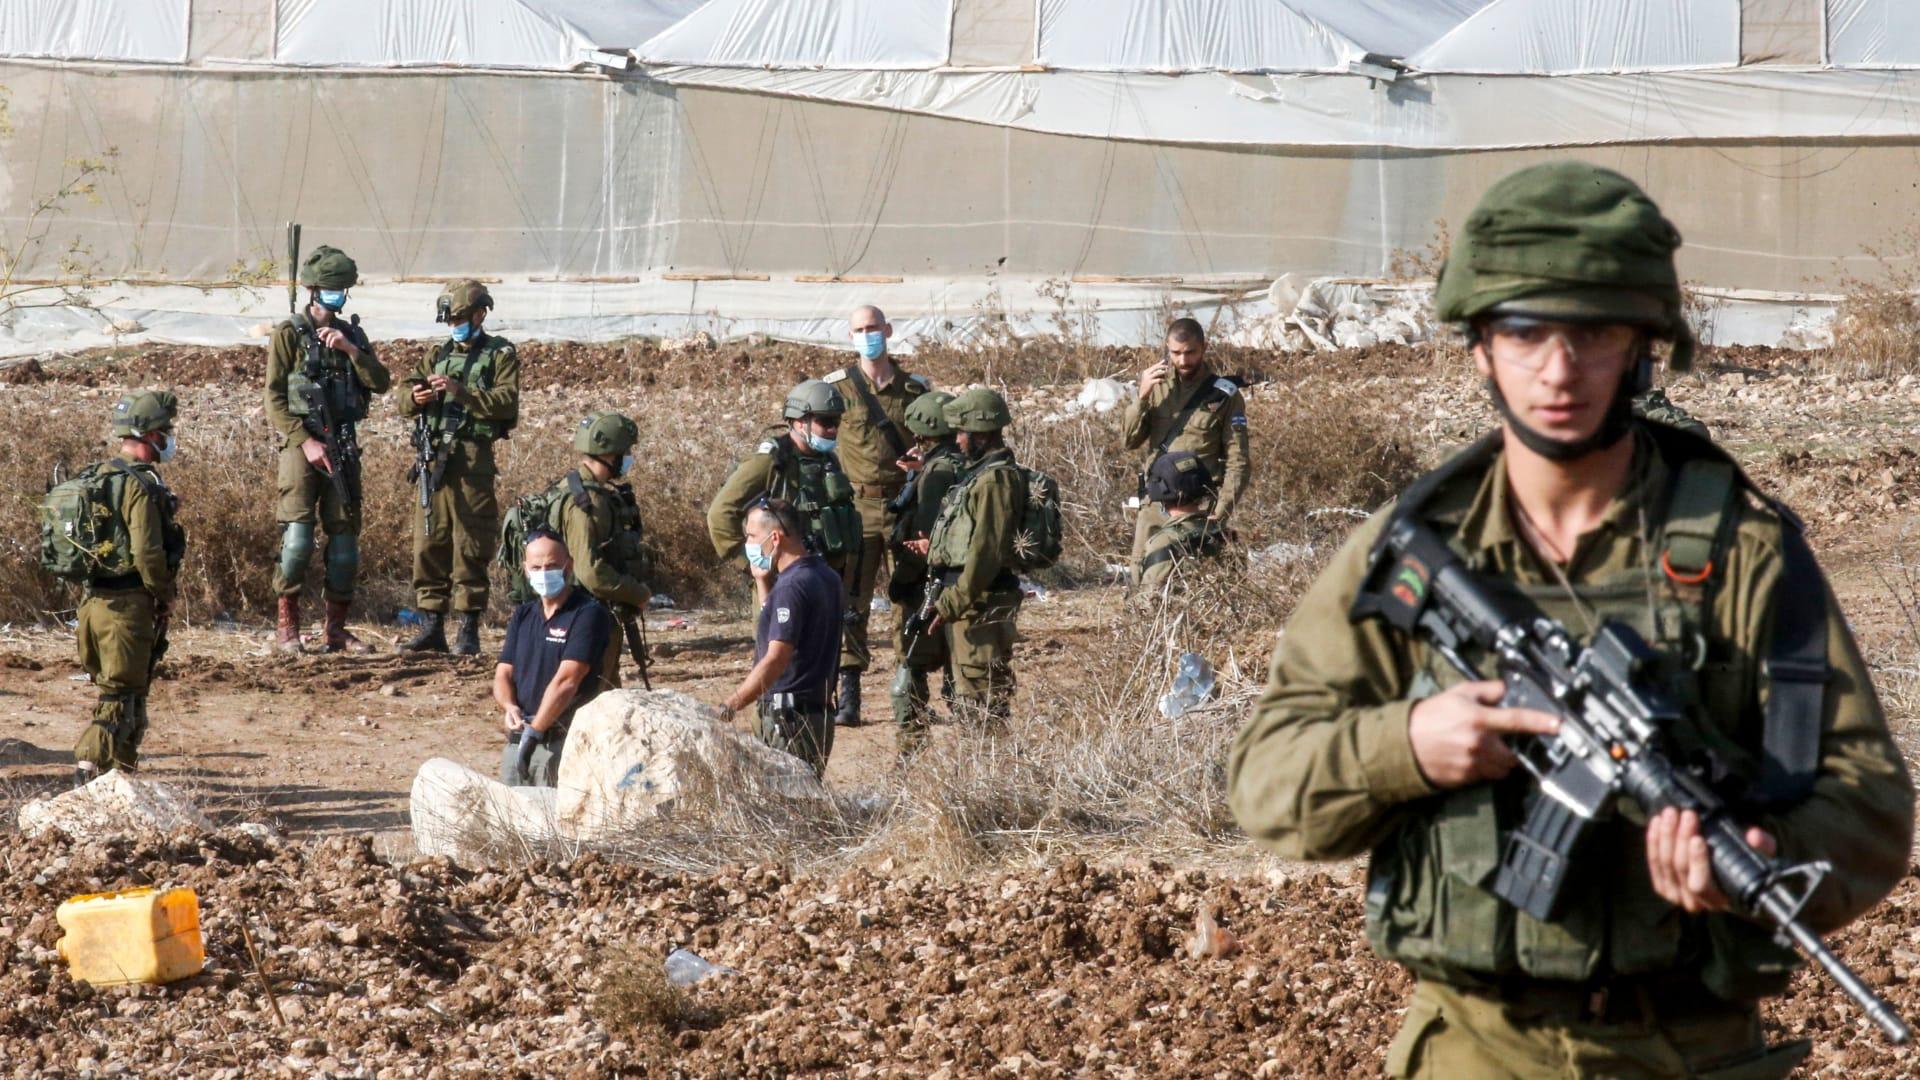 الجيش الإسرائيلي يقتل طفلا فلسطينيا يبلغ من العمر 13 عاما.. وإدانة أممية